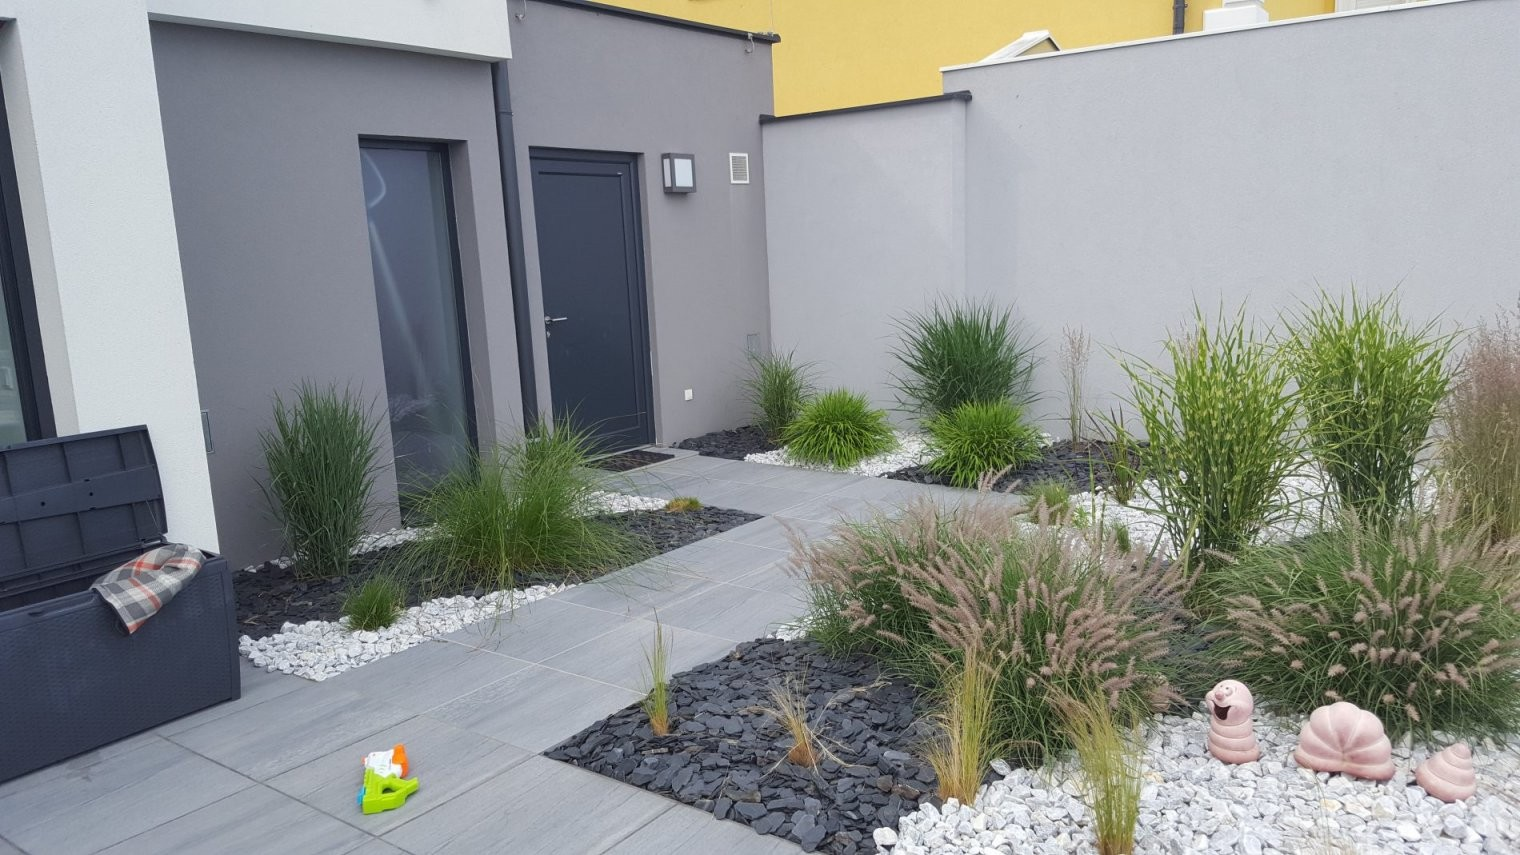 Gräser Und Steine von Gartengestaltung Mit Steinen Und Gräsern Bild